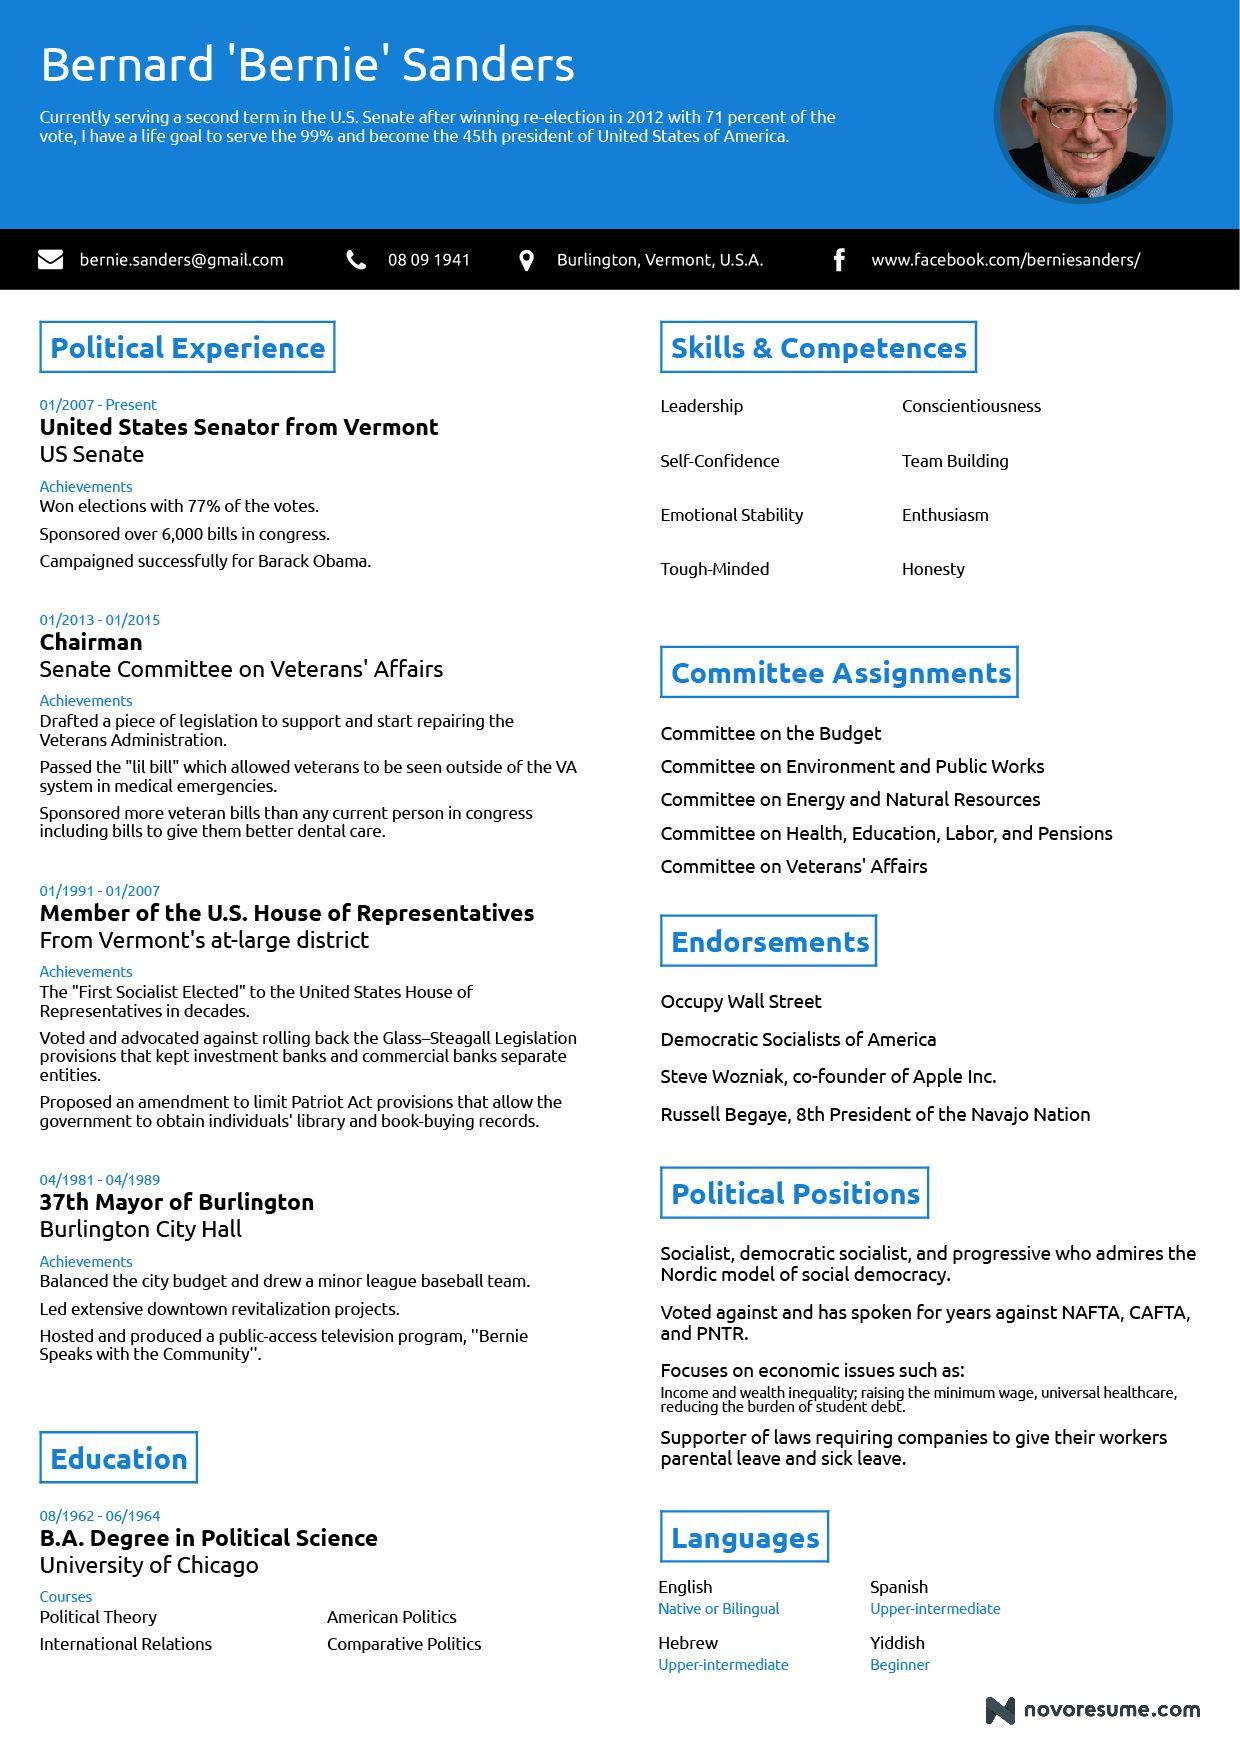 one page professional résumé highlighting the professional one page professional résumé highlighting the professional competences of bernie sanders create your own résumé